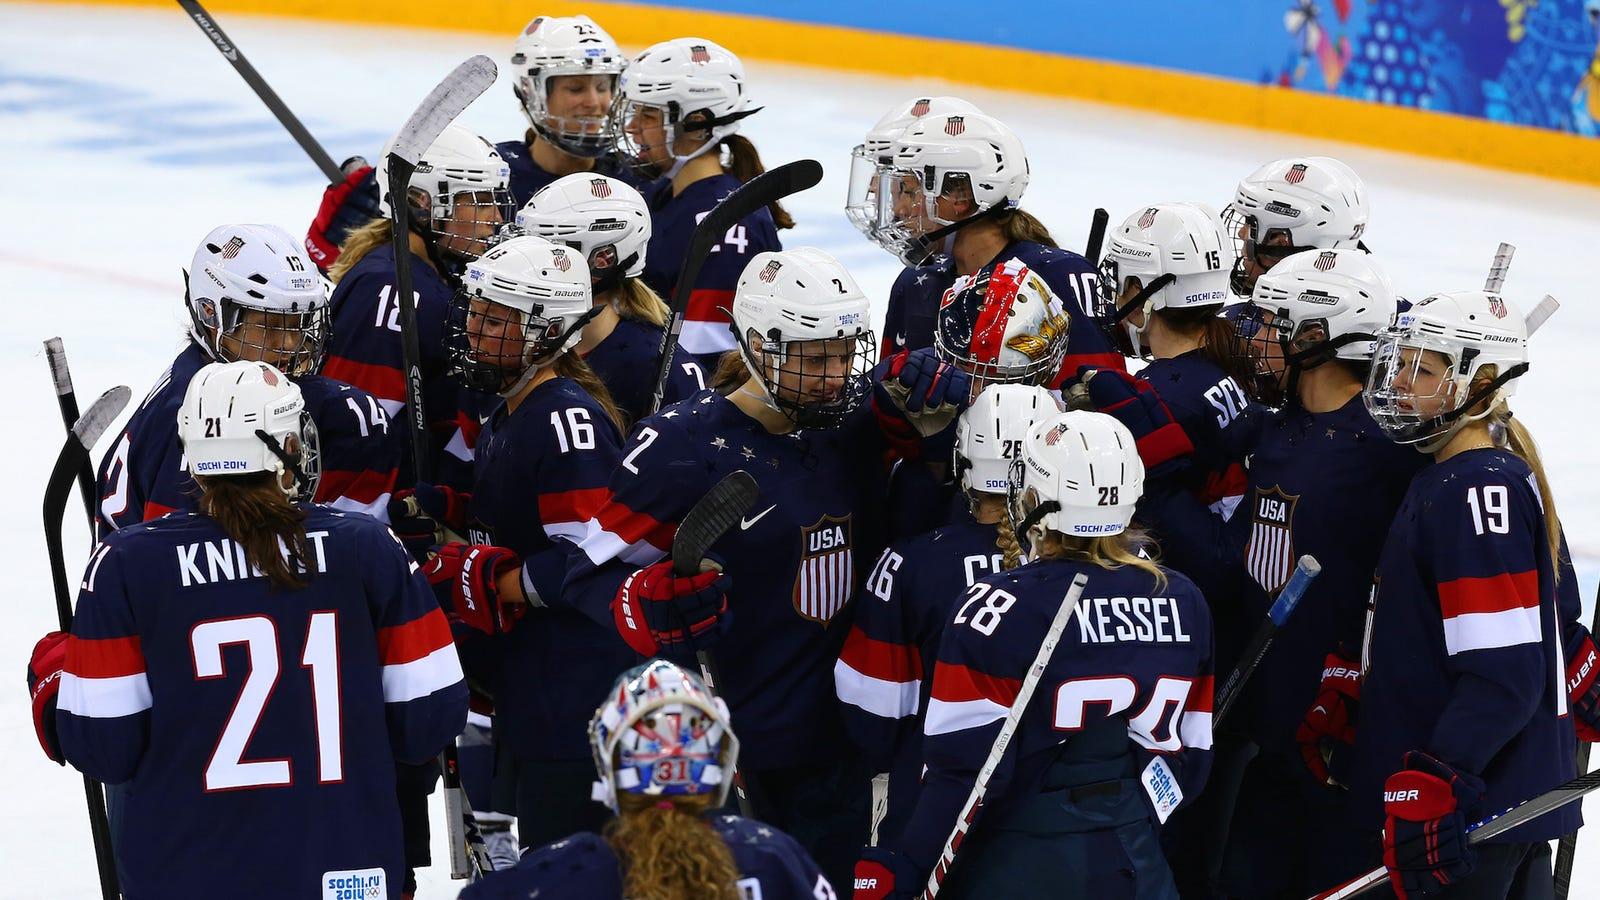 hockey world championship women boycott replacement players